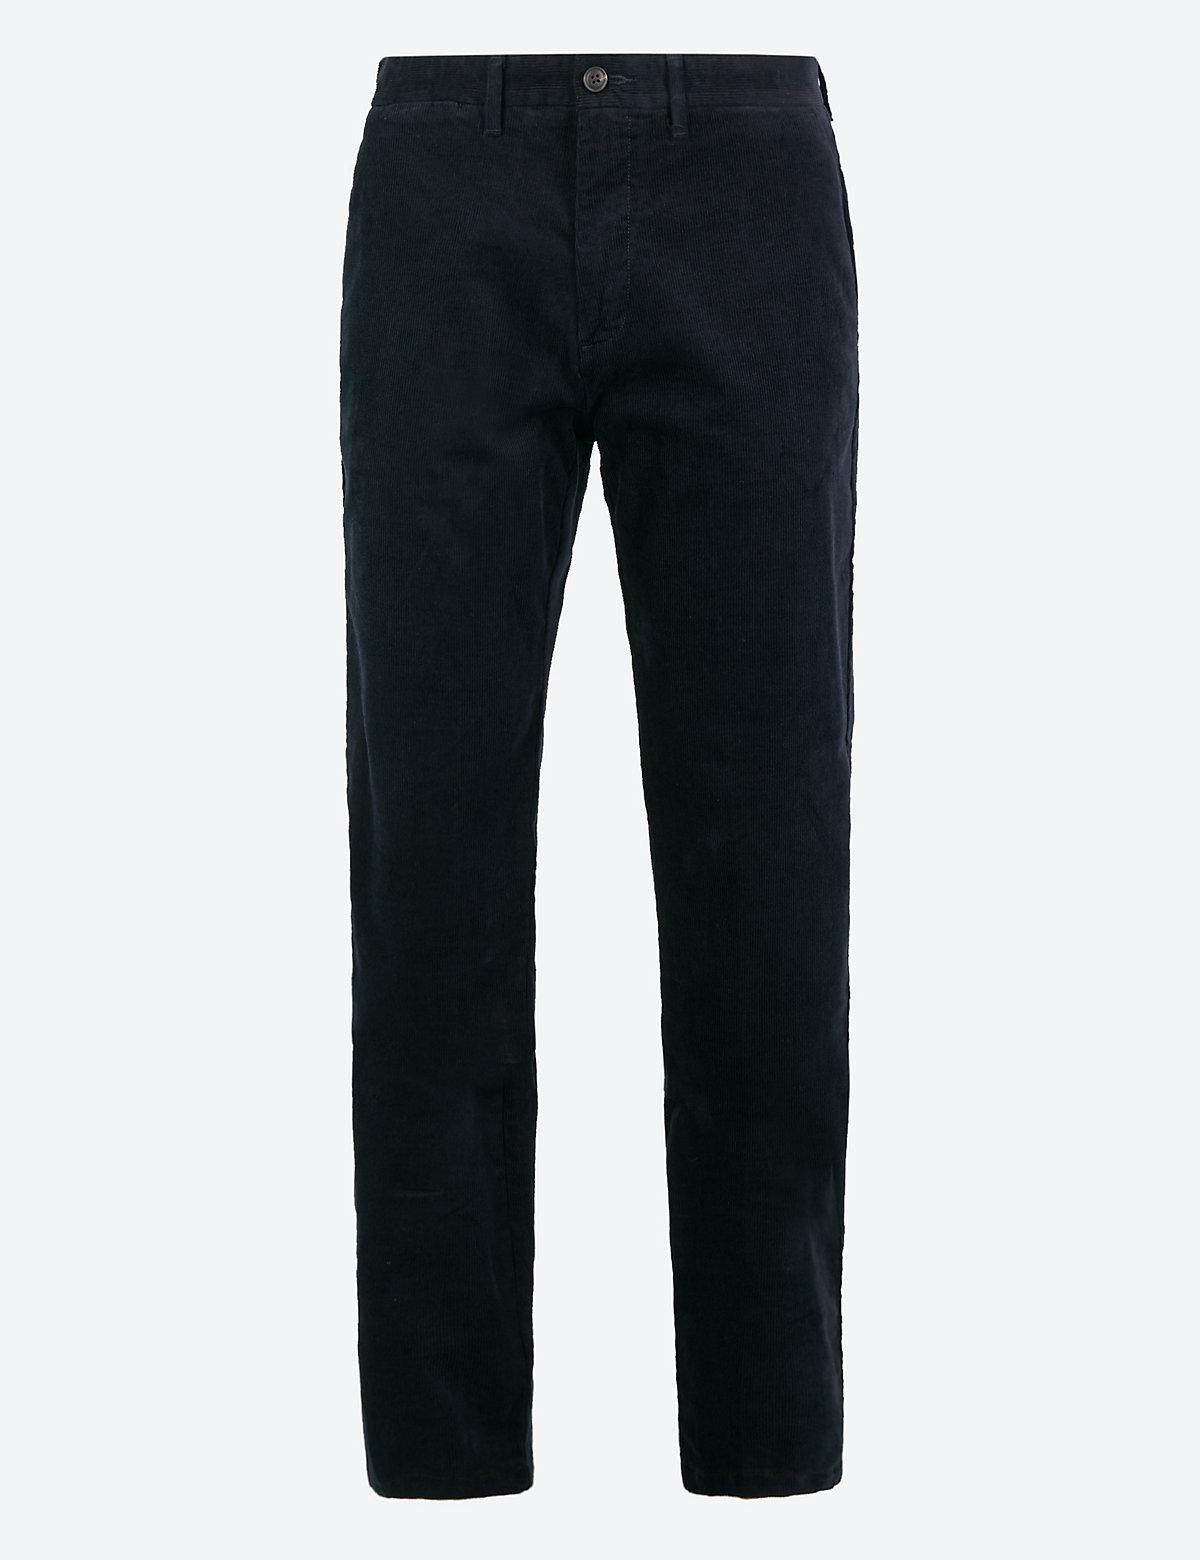 Классические вельветовые брюки M&S Collection. Цвет: темно-синий